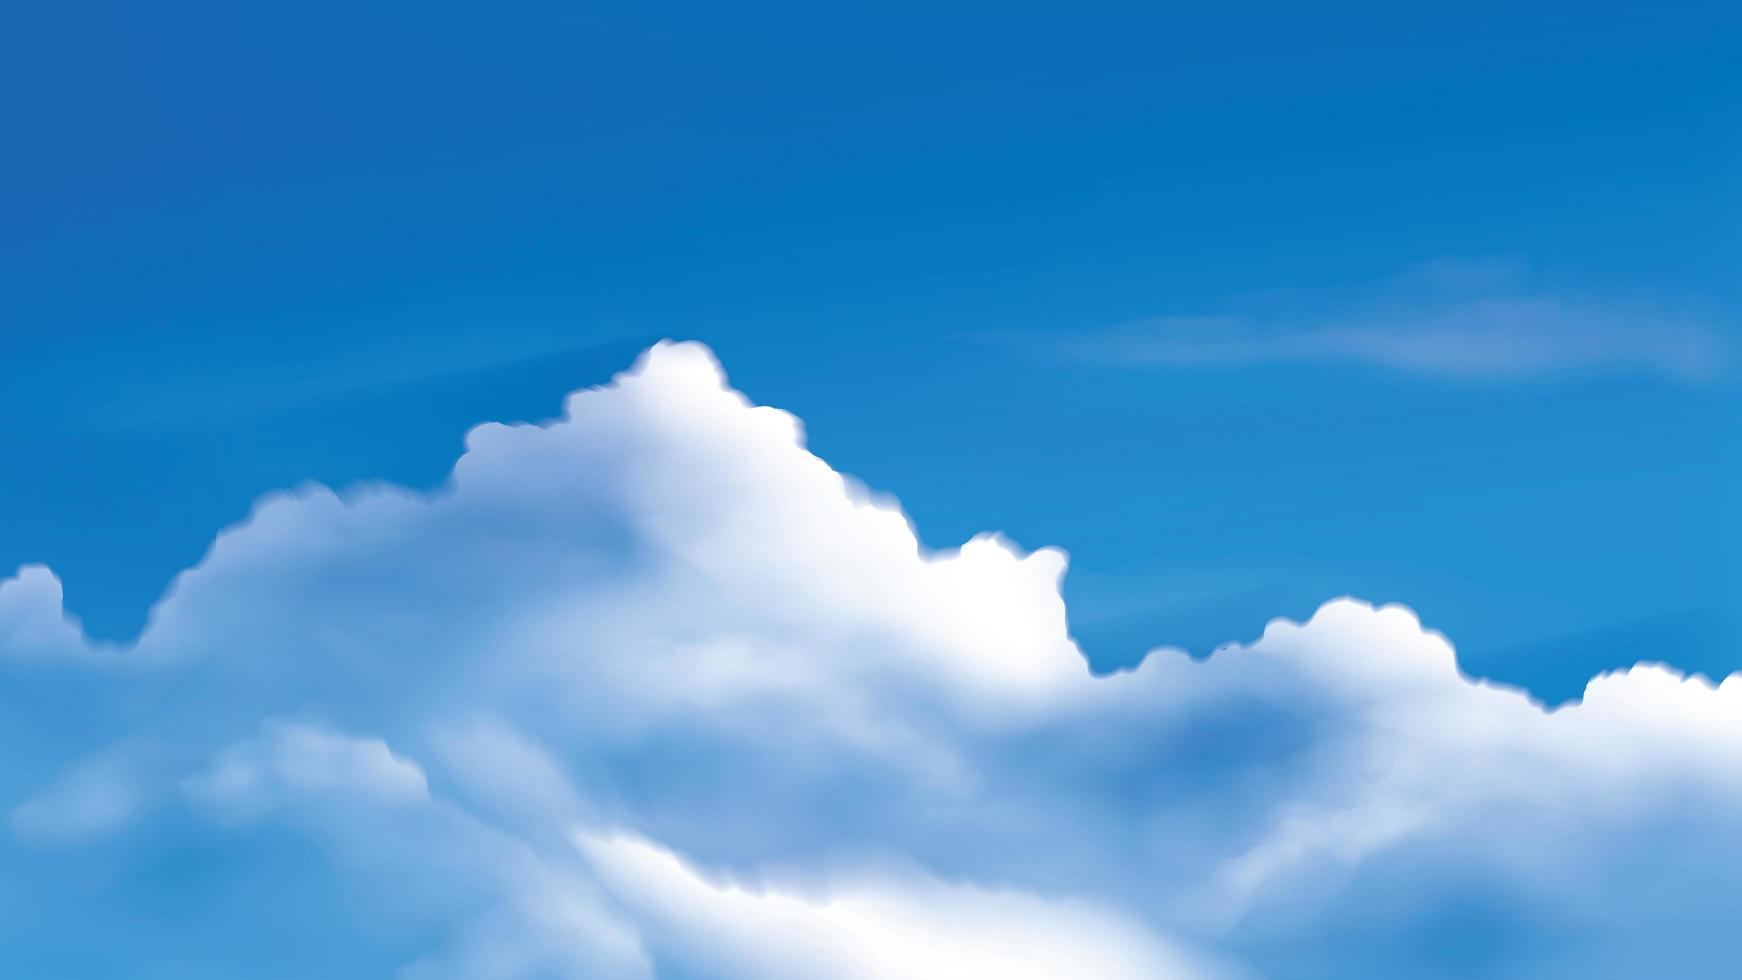 cumuluswolken aan de heldere blauwe hemel vector